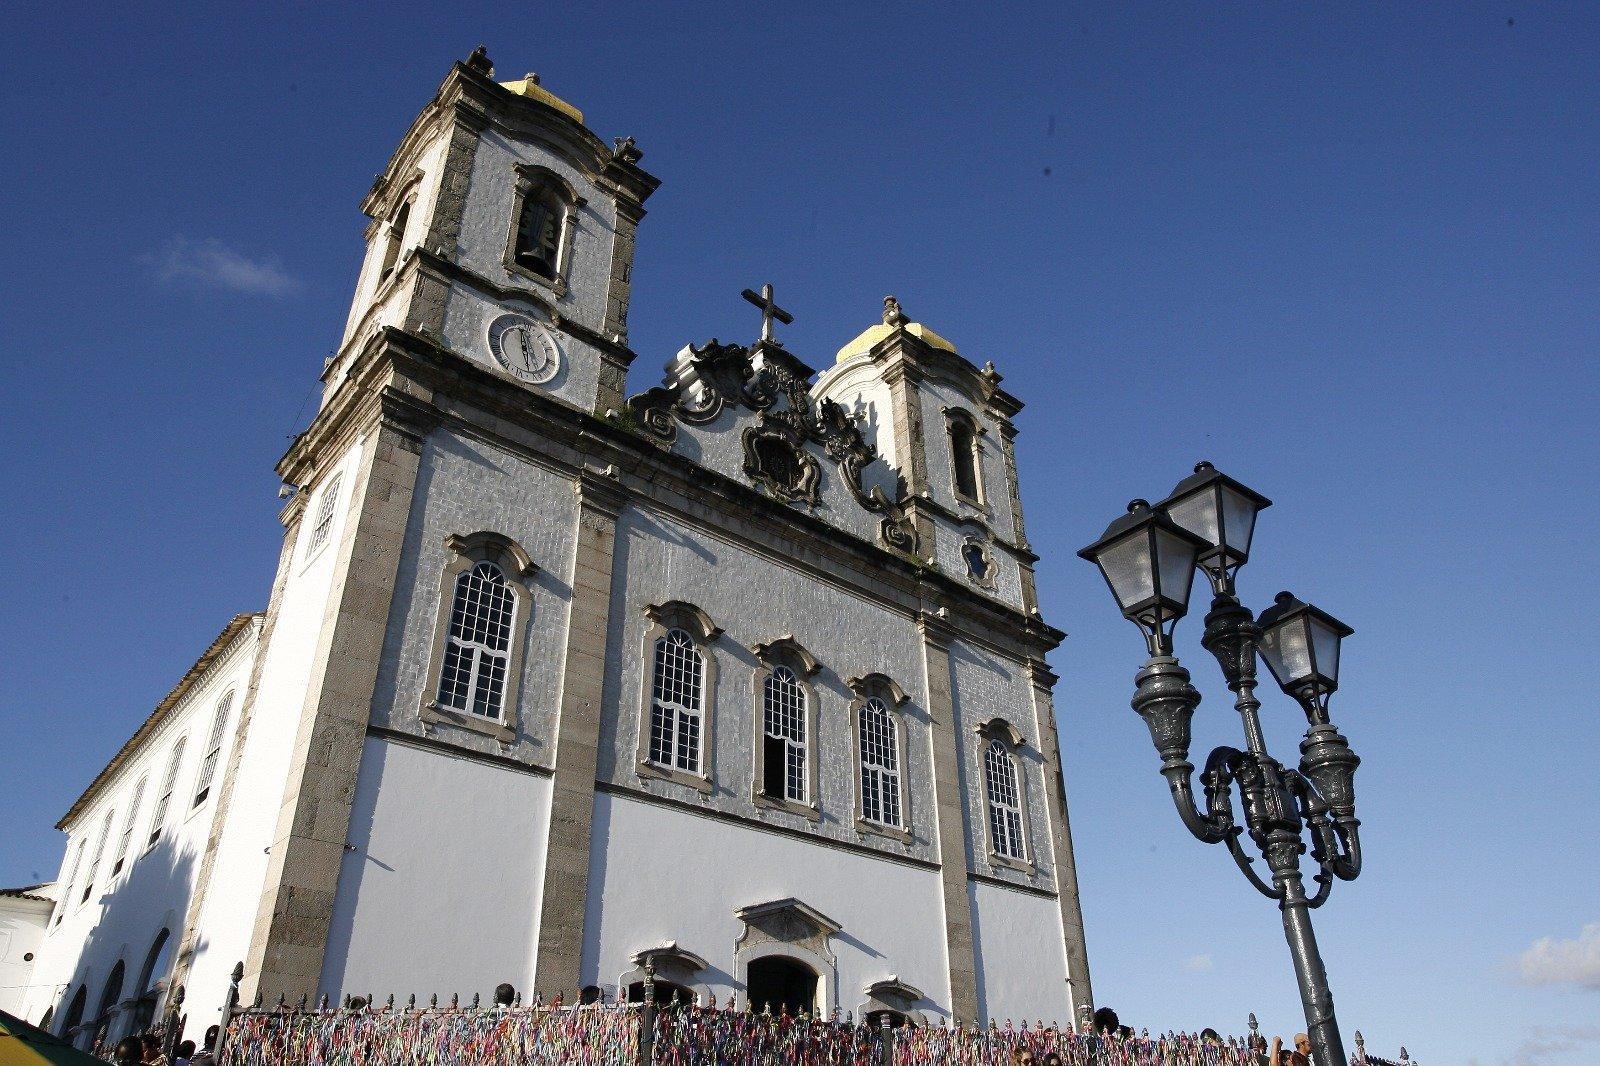 Câmeras de monitoramento reforçam a segurança na Basílica do Bonfim